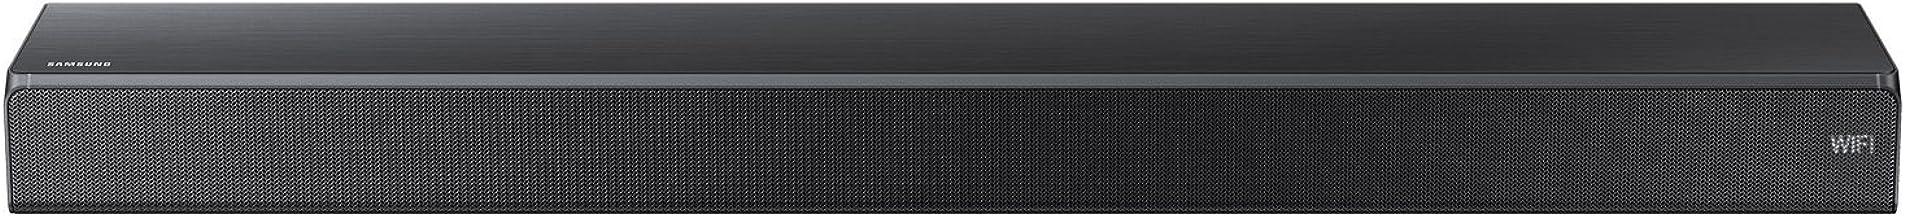 Samsung MS550 - Barra de Sonido inalámbrica y compacta, Color Negro